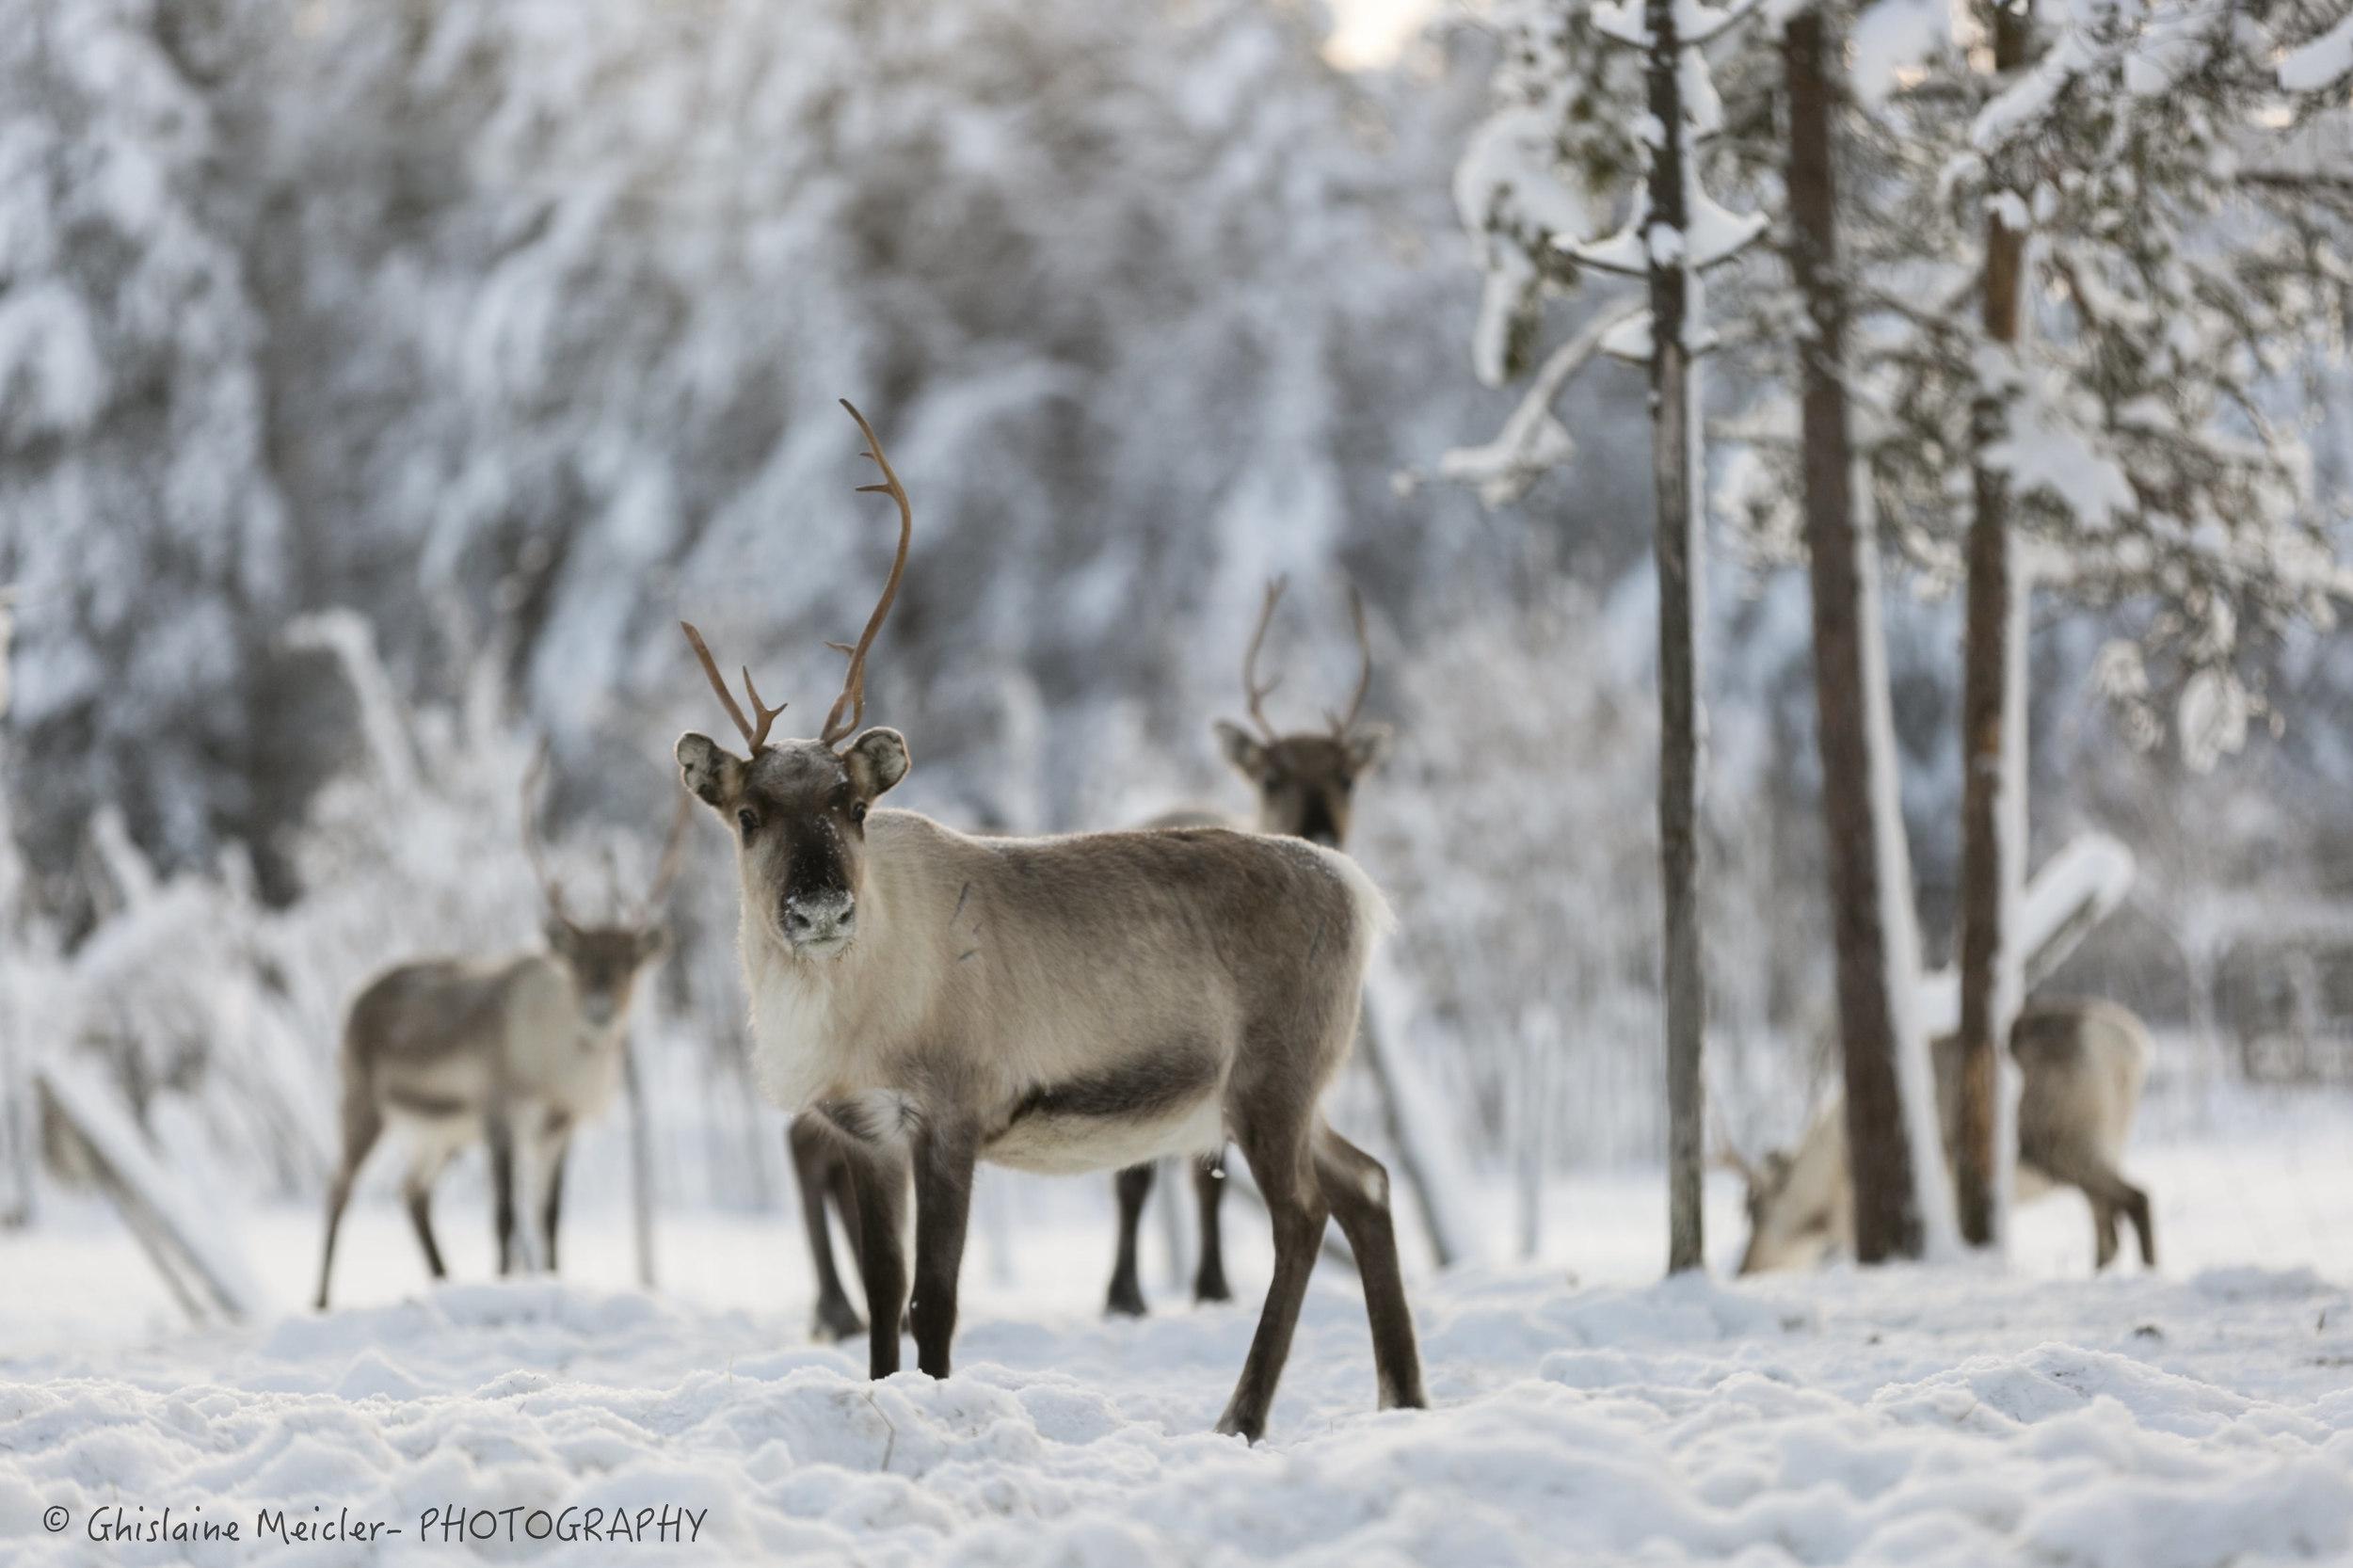 Finlande-101-4.jpg